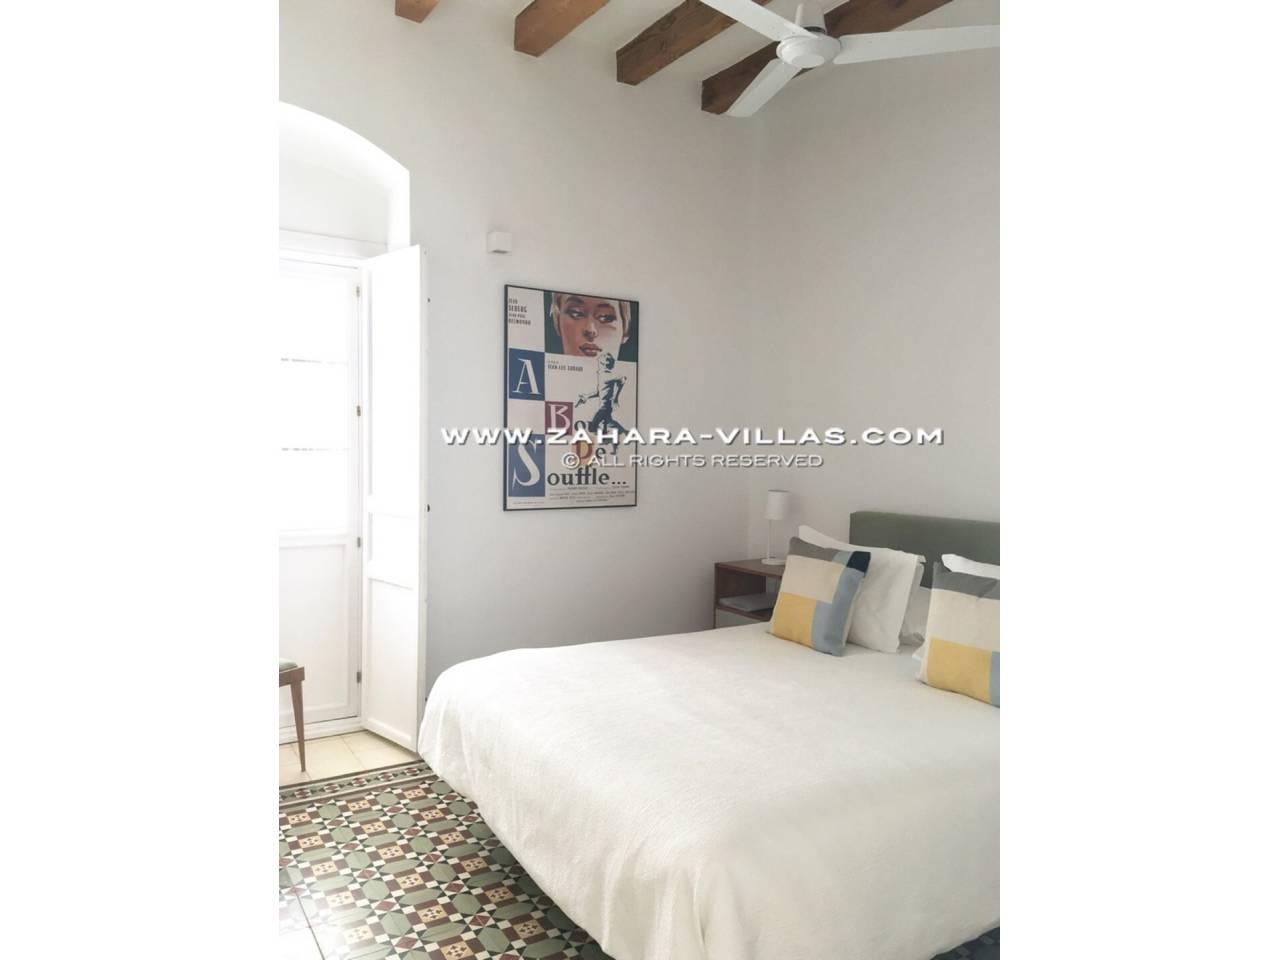 Imagen 32 de Casa-hotel en el centro del casco antiguo de Vejer de la Frontera a 12 minutos de la playa